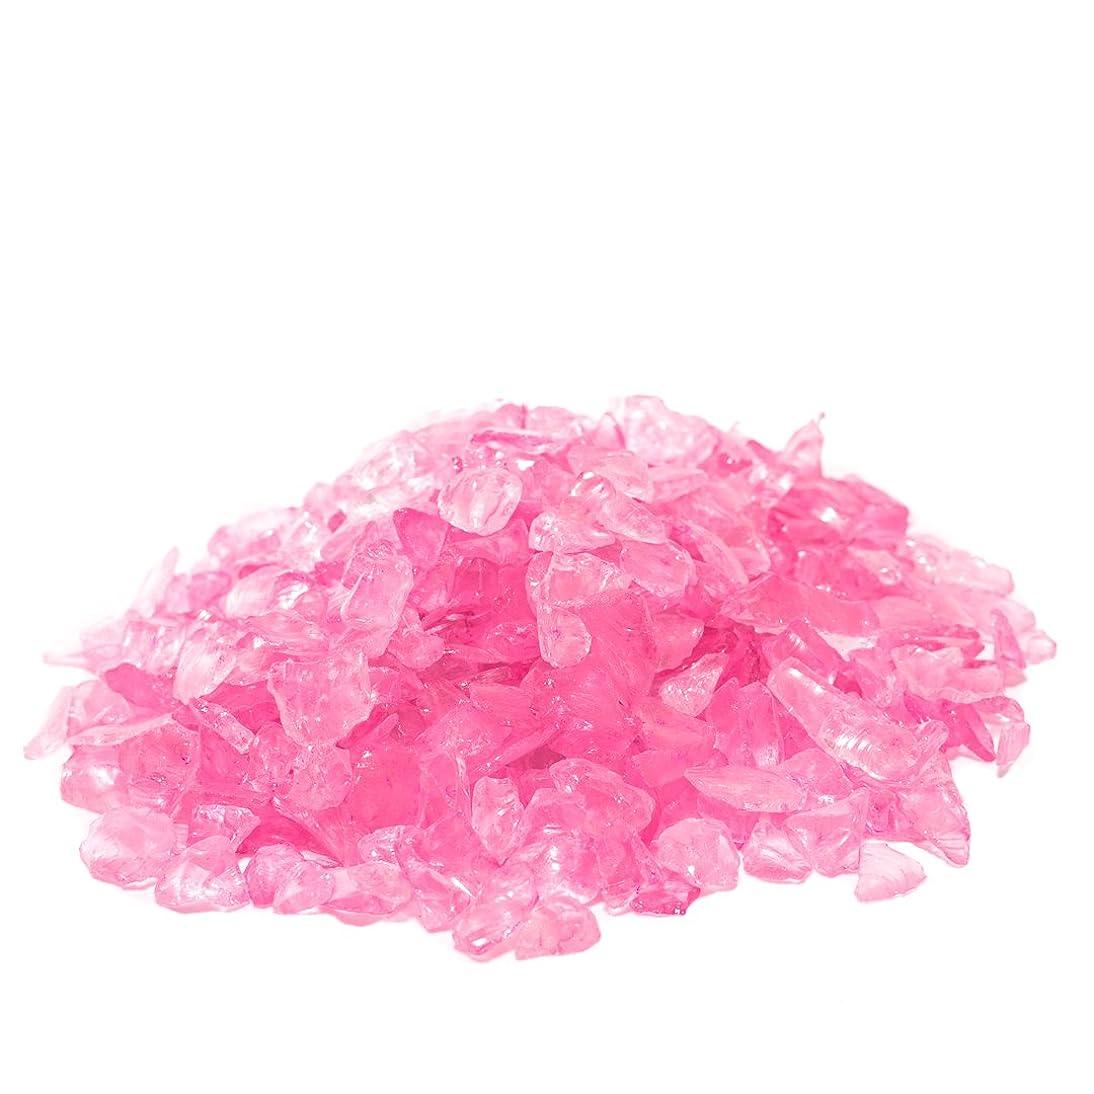 Super Moss Sea Glass Vase Filler, Pink (2 Pounds)